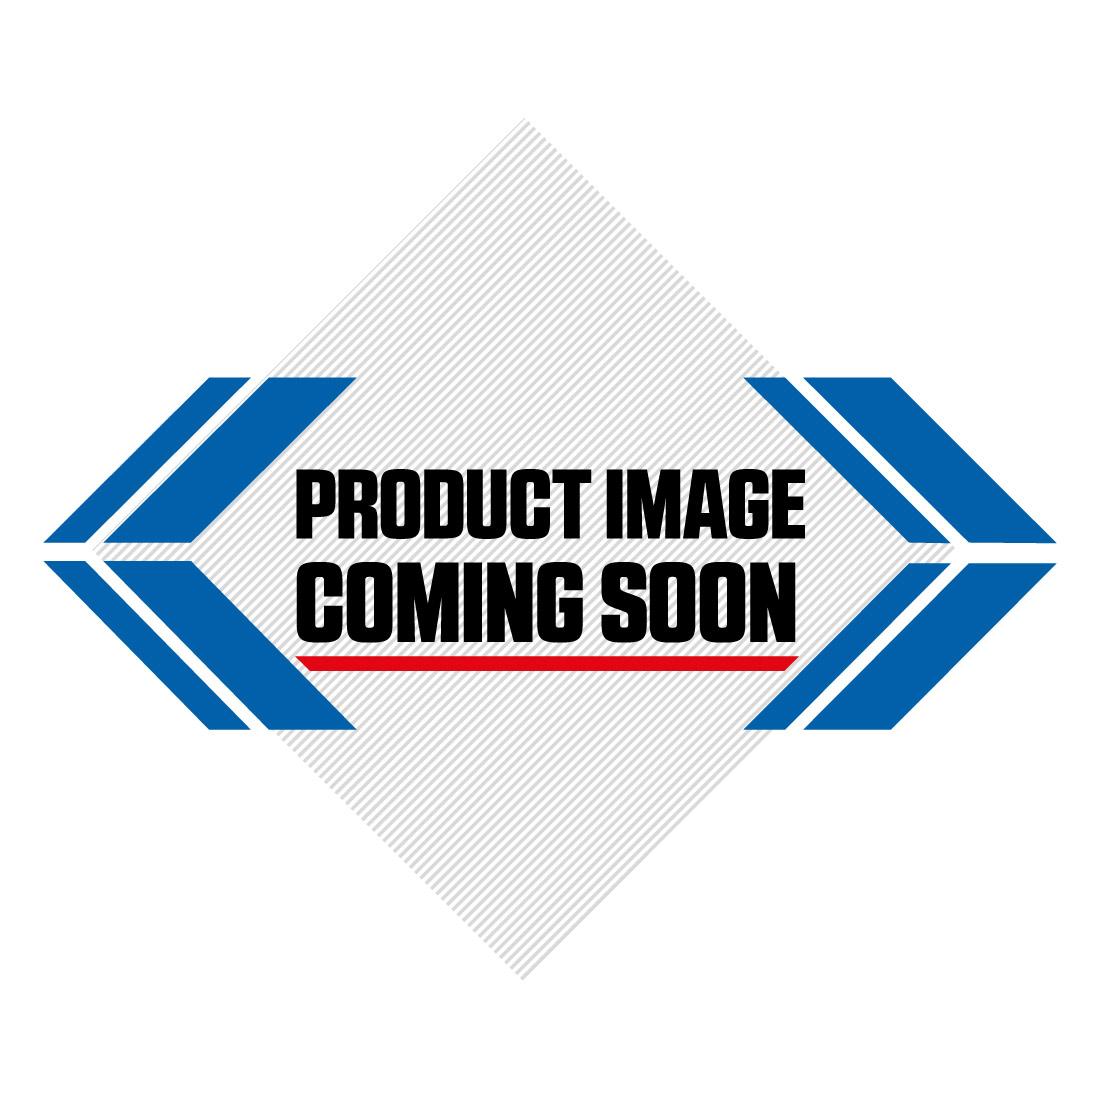 New 2015 Honda CRF 250R Motocross Bike Image-2